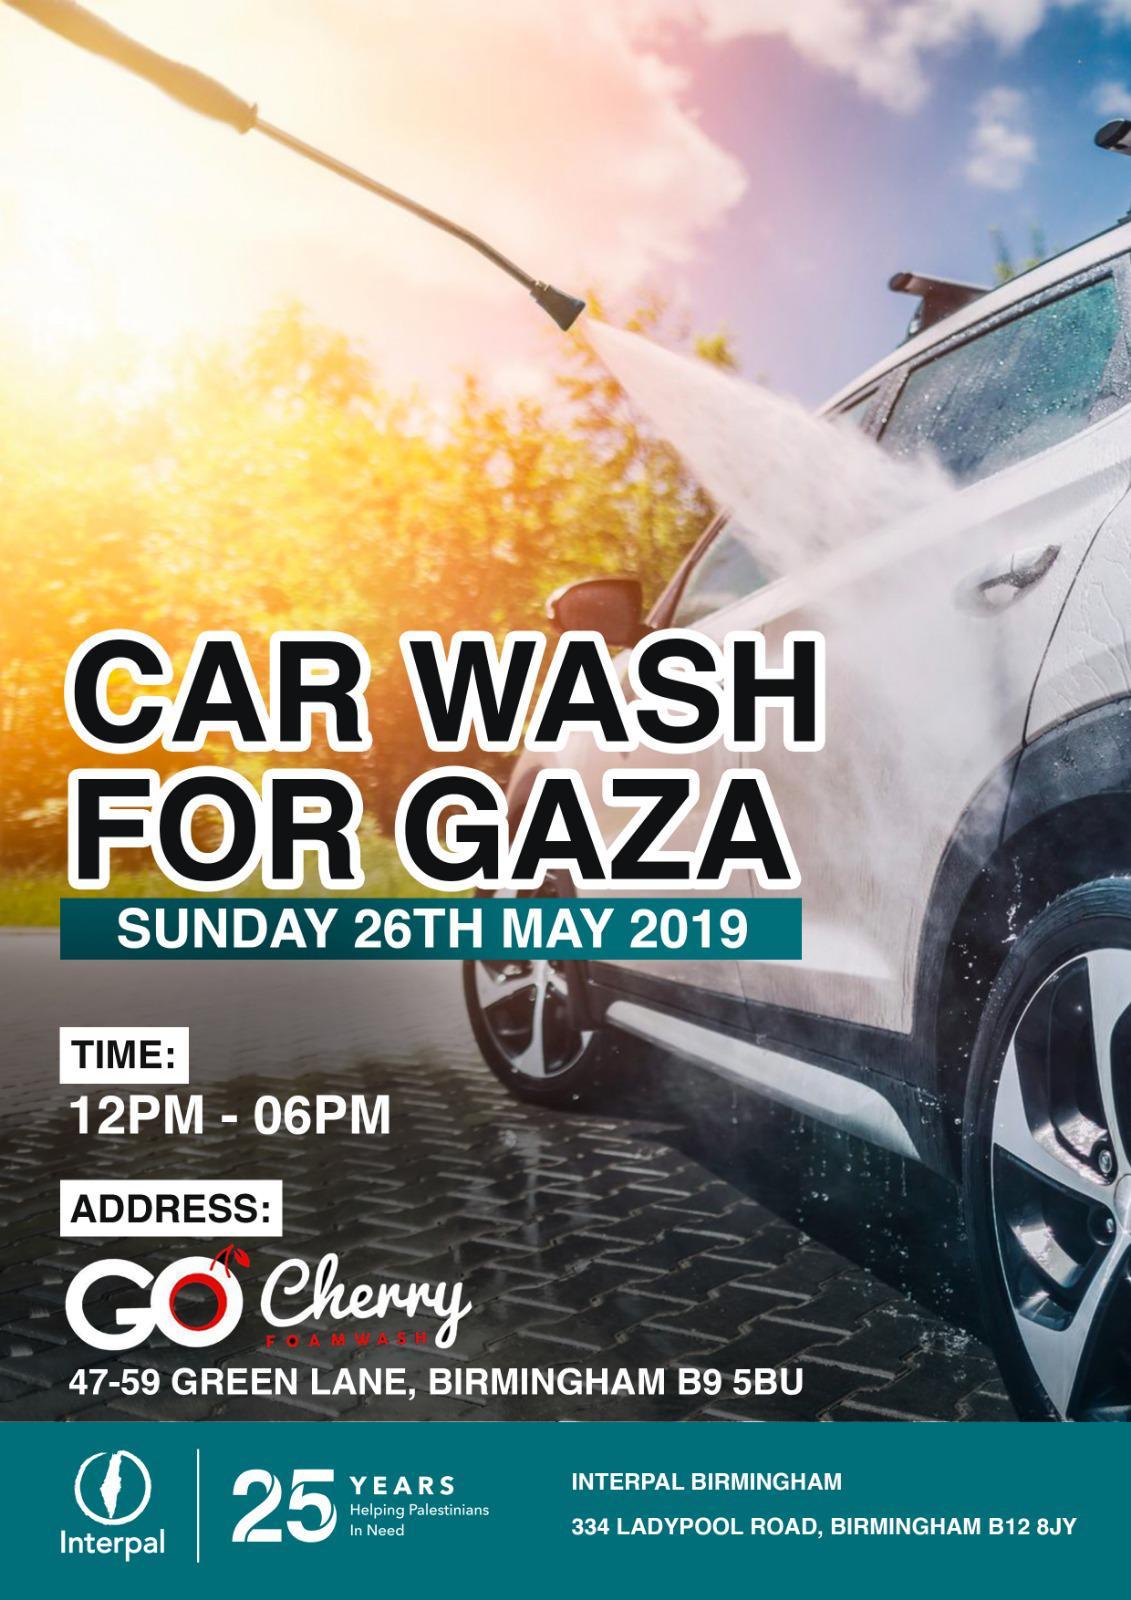 Car Wash for Gaza